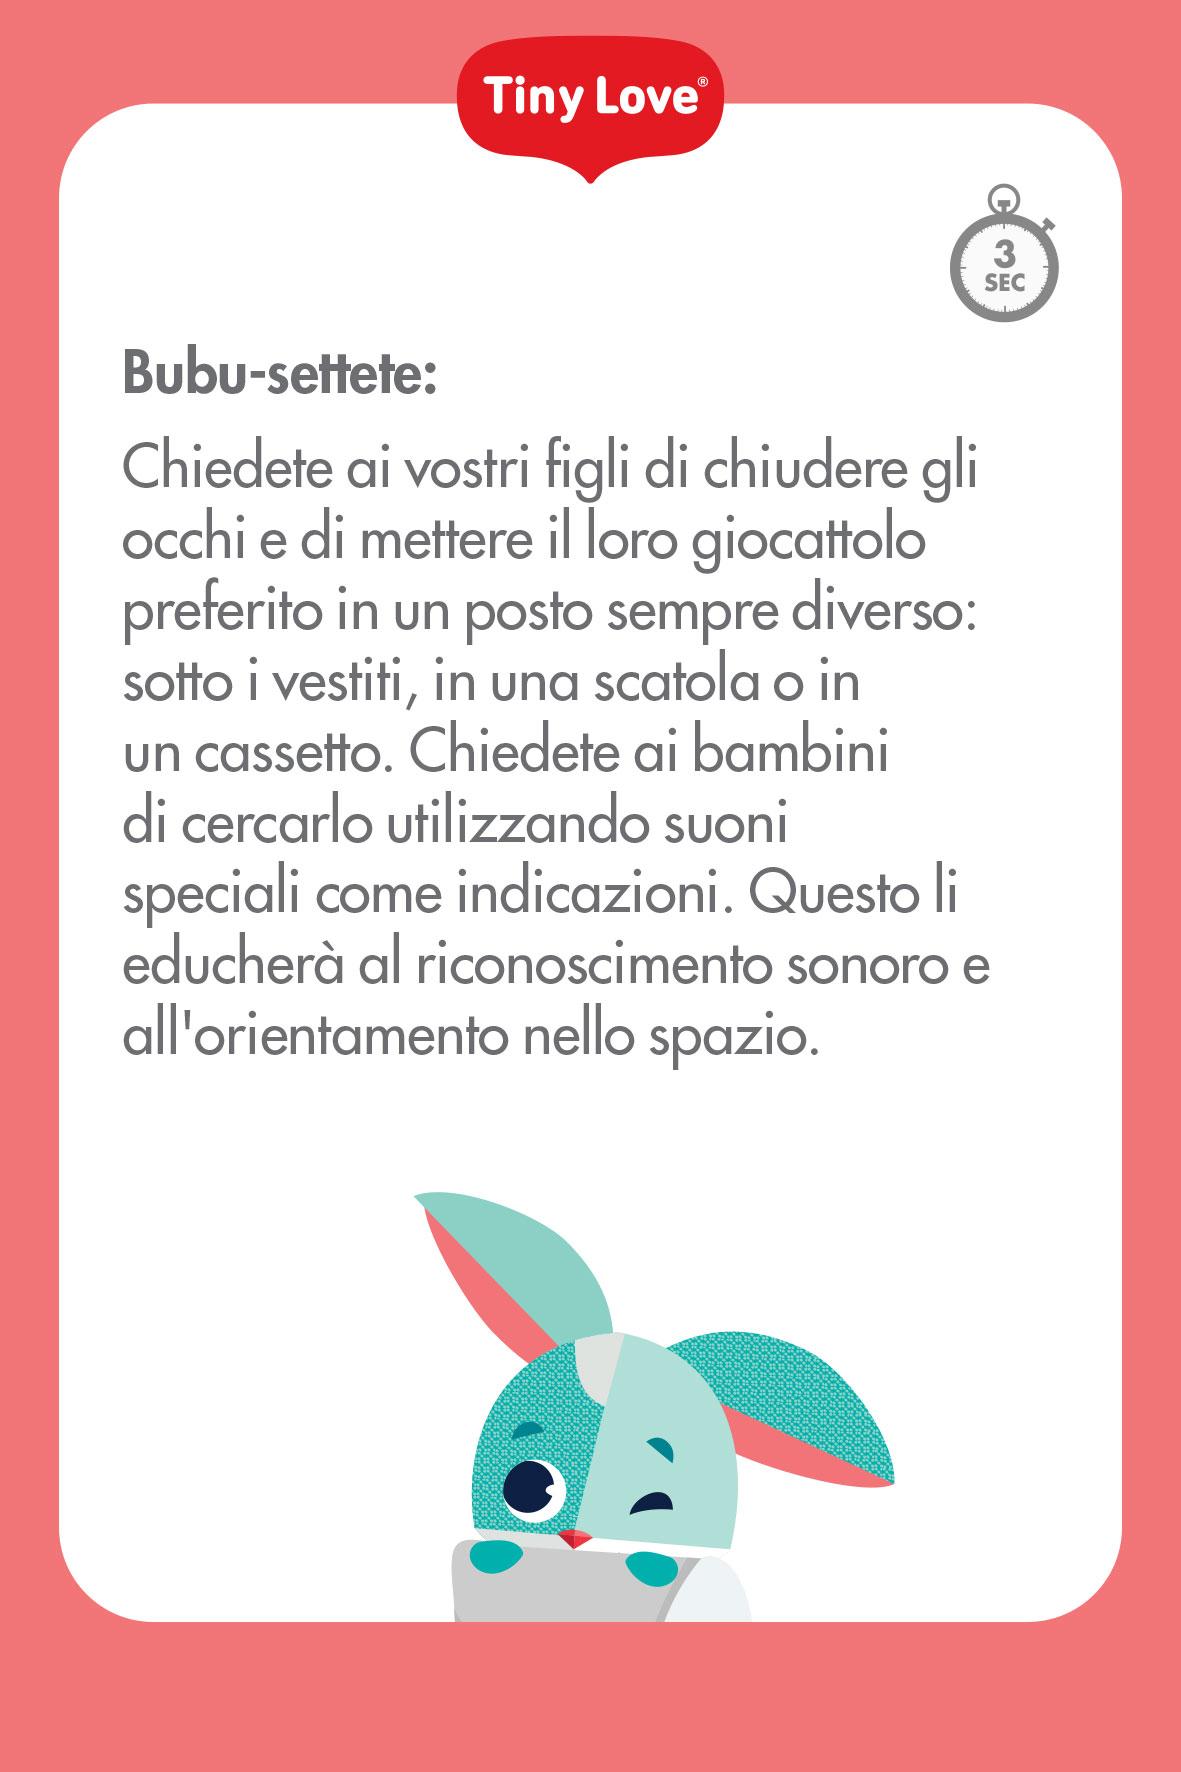 Bubu-settete